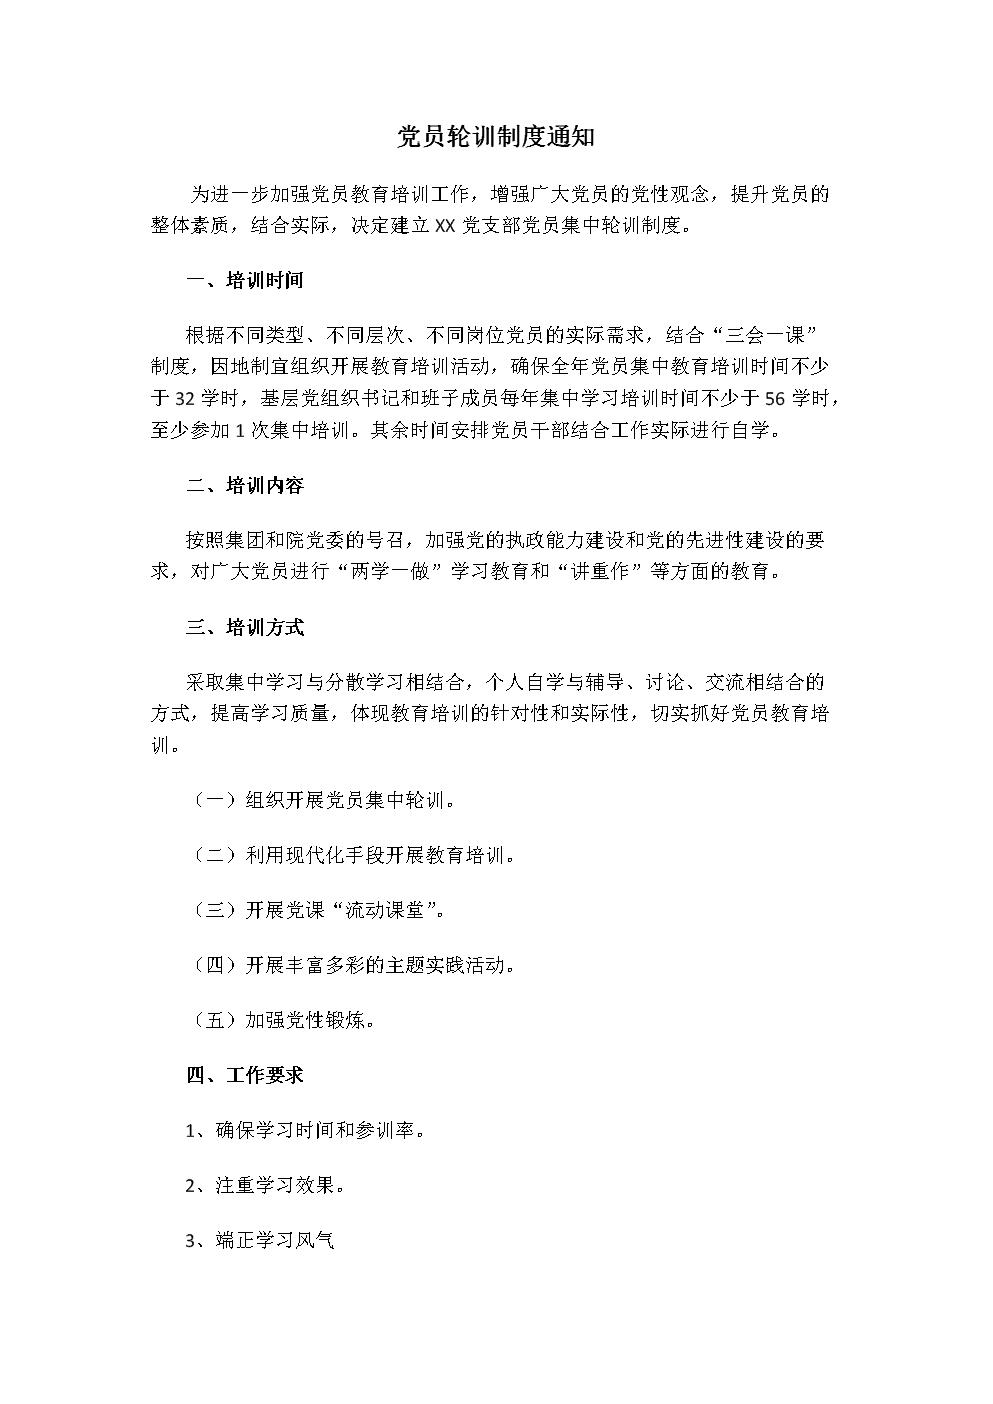 党员轮训制度通知.docx